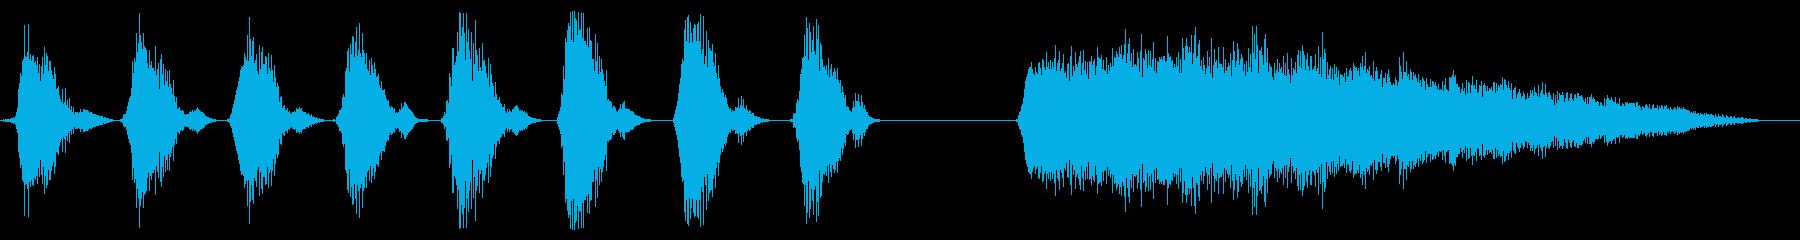 楽しげな鍵盤ハーモニカのジングルの再生済みの波形